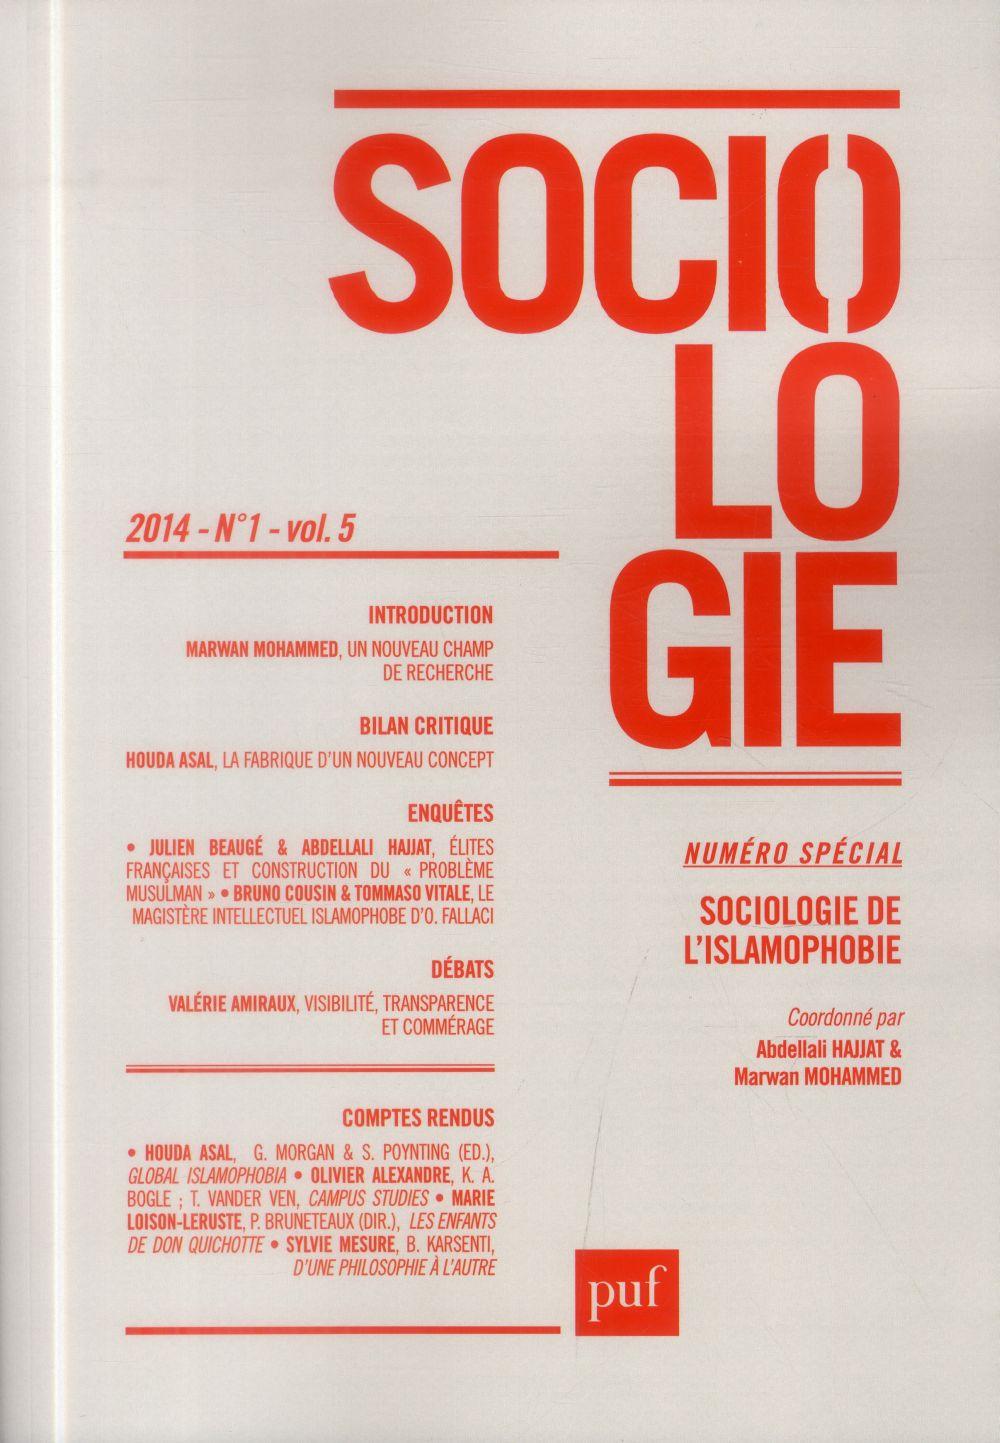 SOCIOLOGIE 2014, N  1 - SOCIOLOGIE DE L'ISLAMOPHOBIE